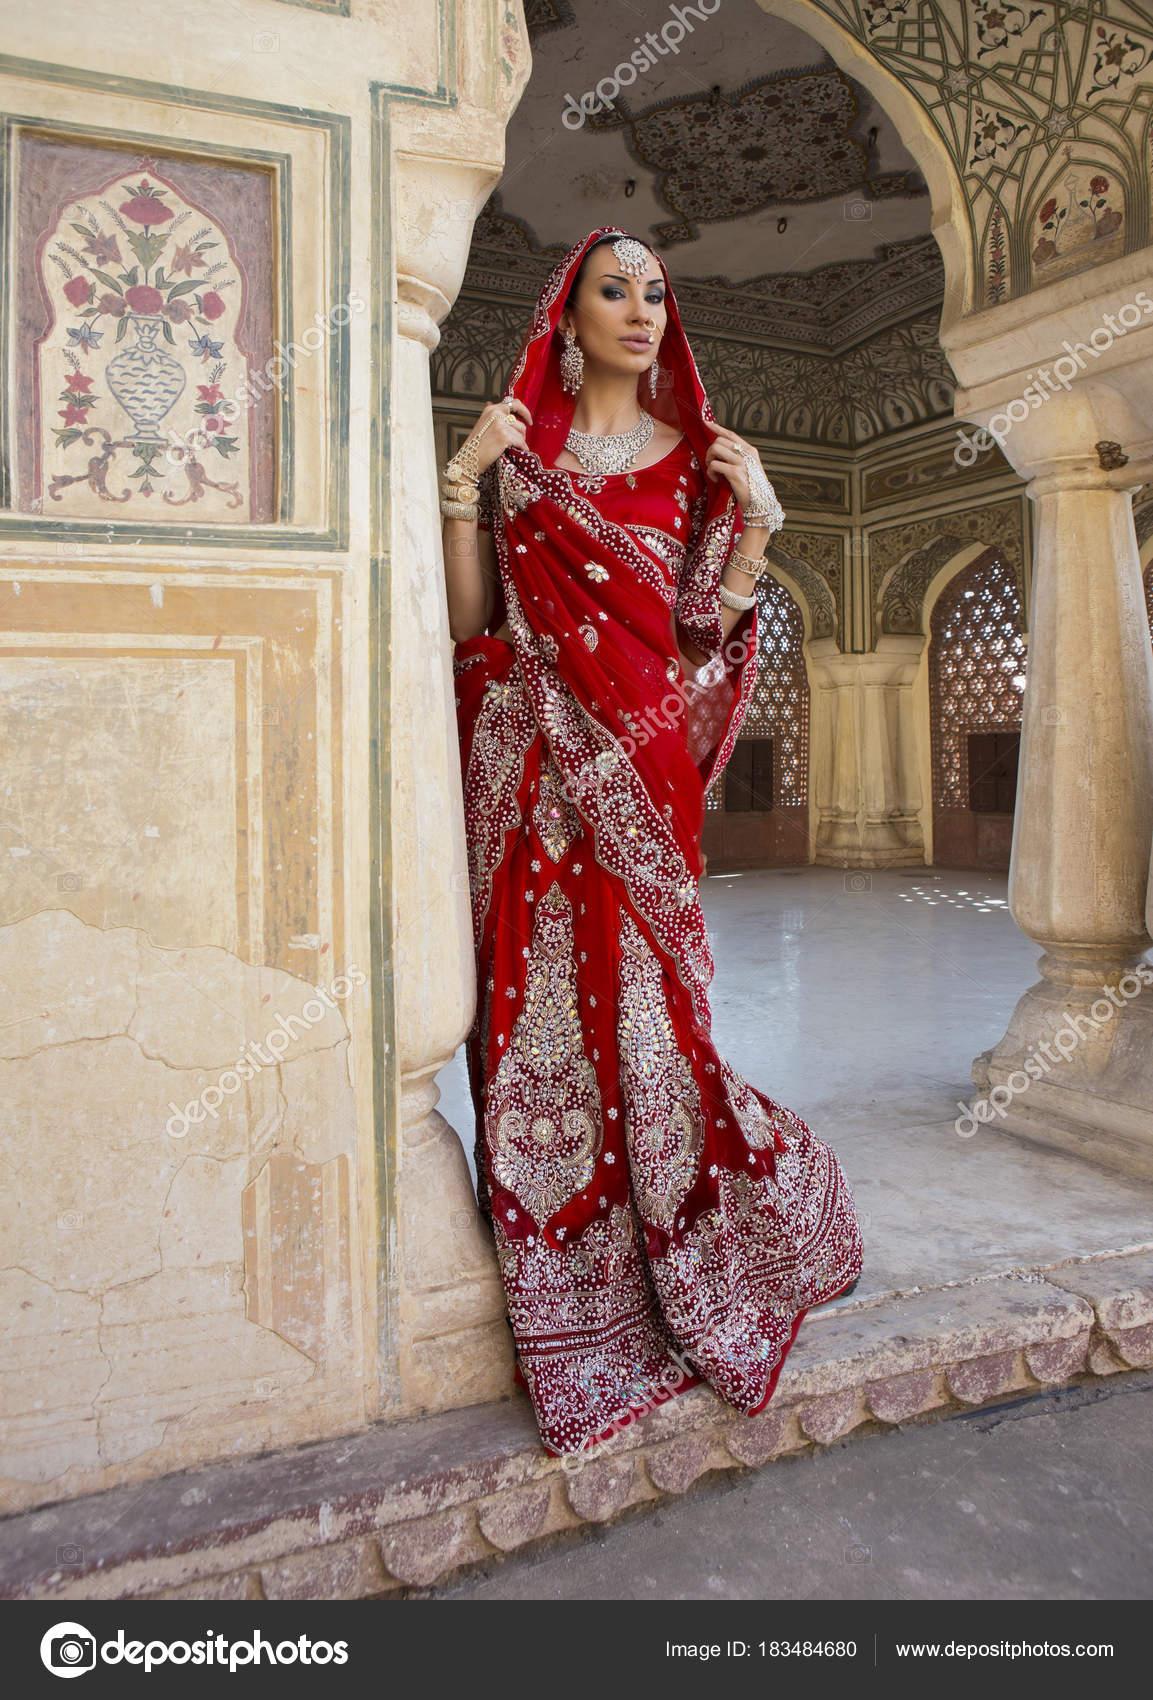 Indická žena v červené svatební oděvy sárí s orientální šperky. Dívka  krásná indická nevěsta svatební sárí. Indický u Hawamahal paláce. 40502dac83b